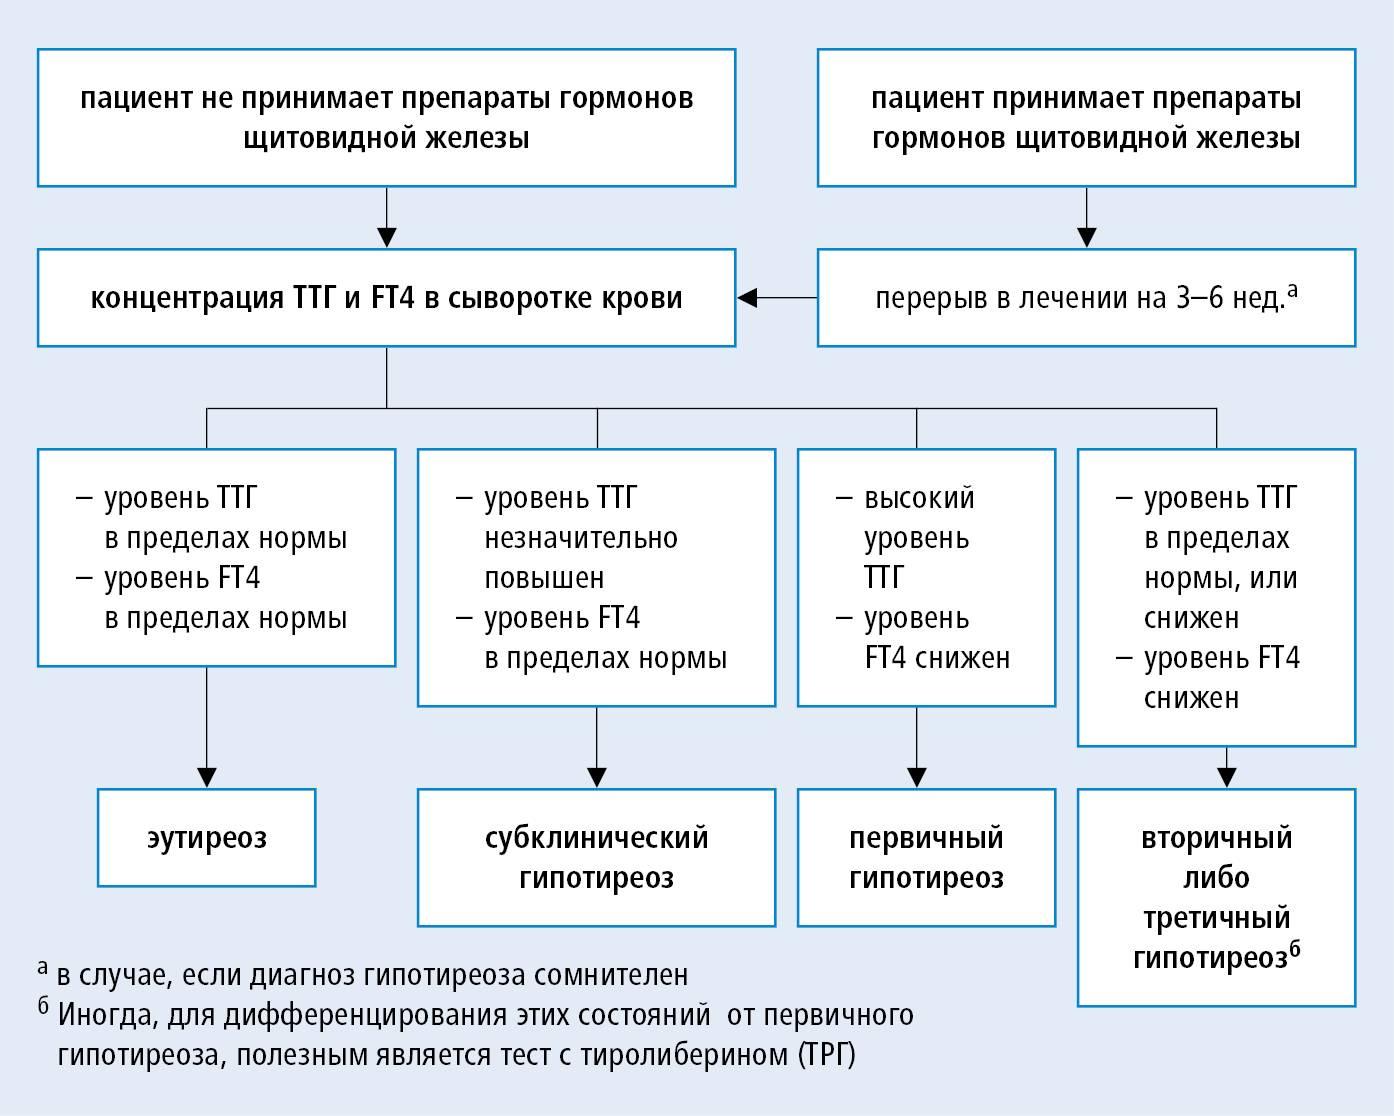 Тахикардия: виды, причины возникновения, способы лечения и профилактики